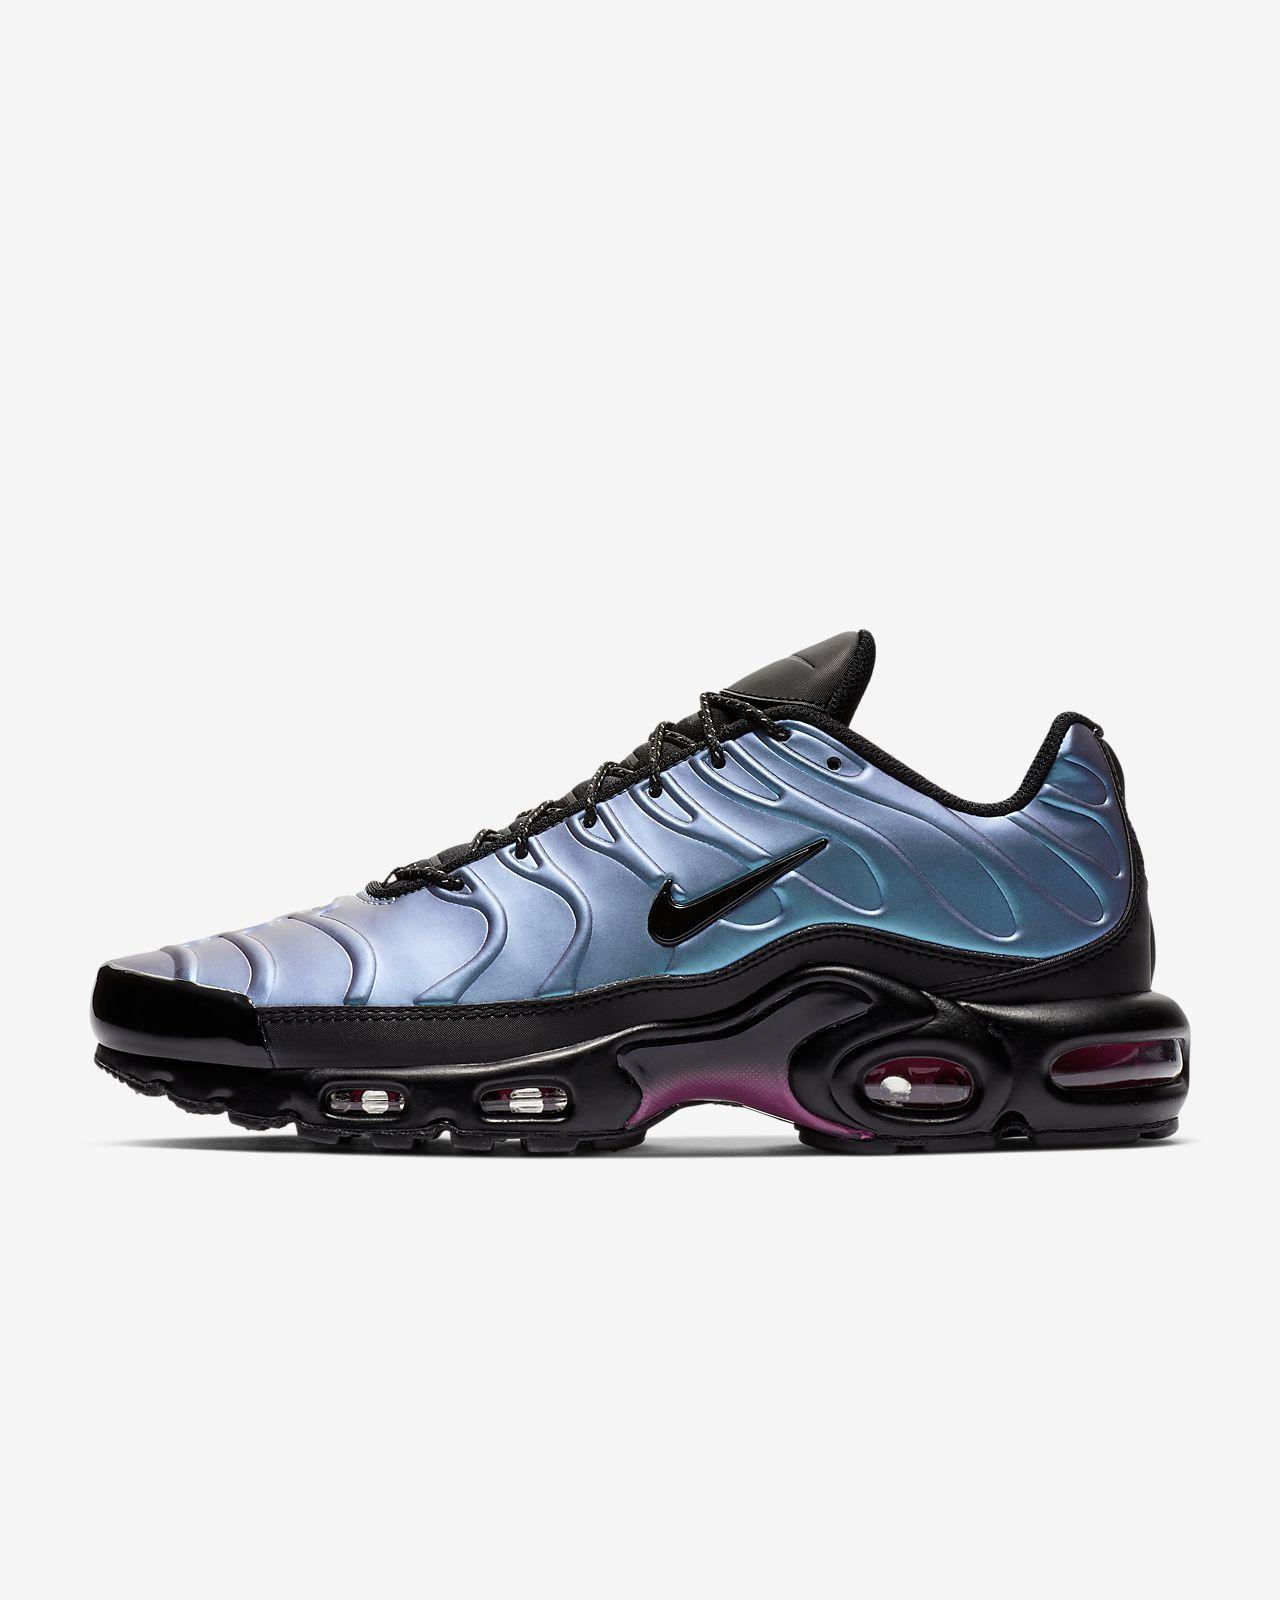 Sko Nike Air Max Plus SE för män